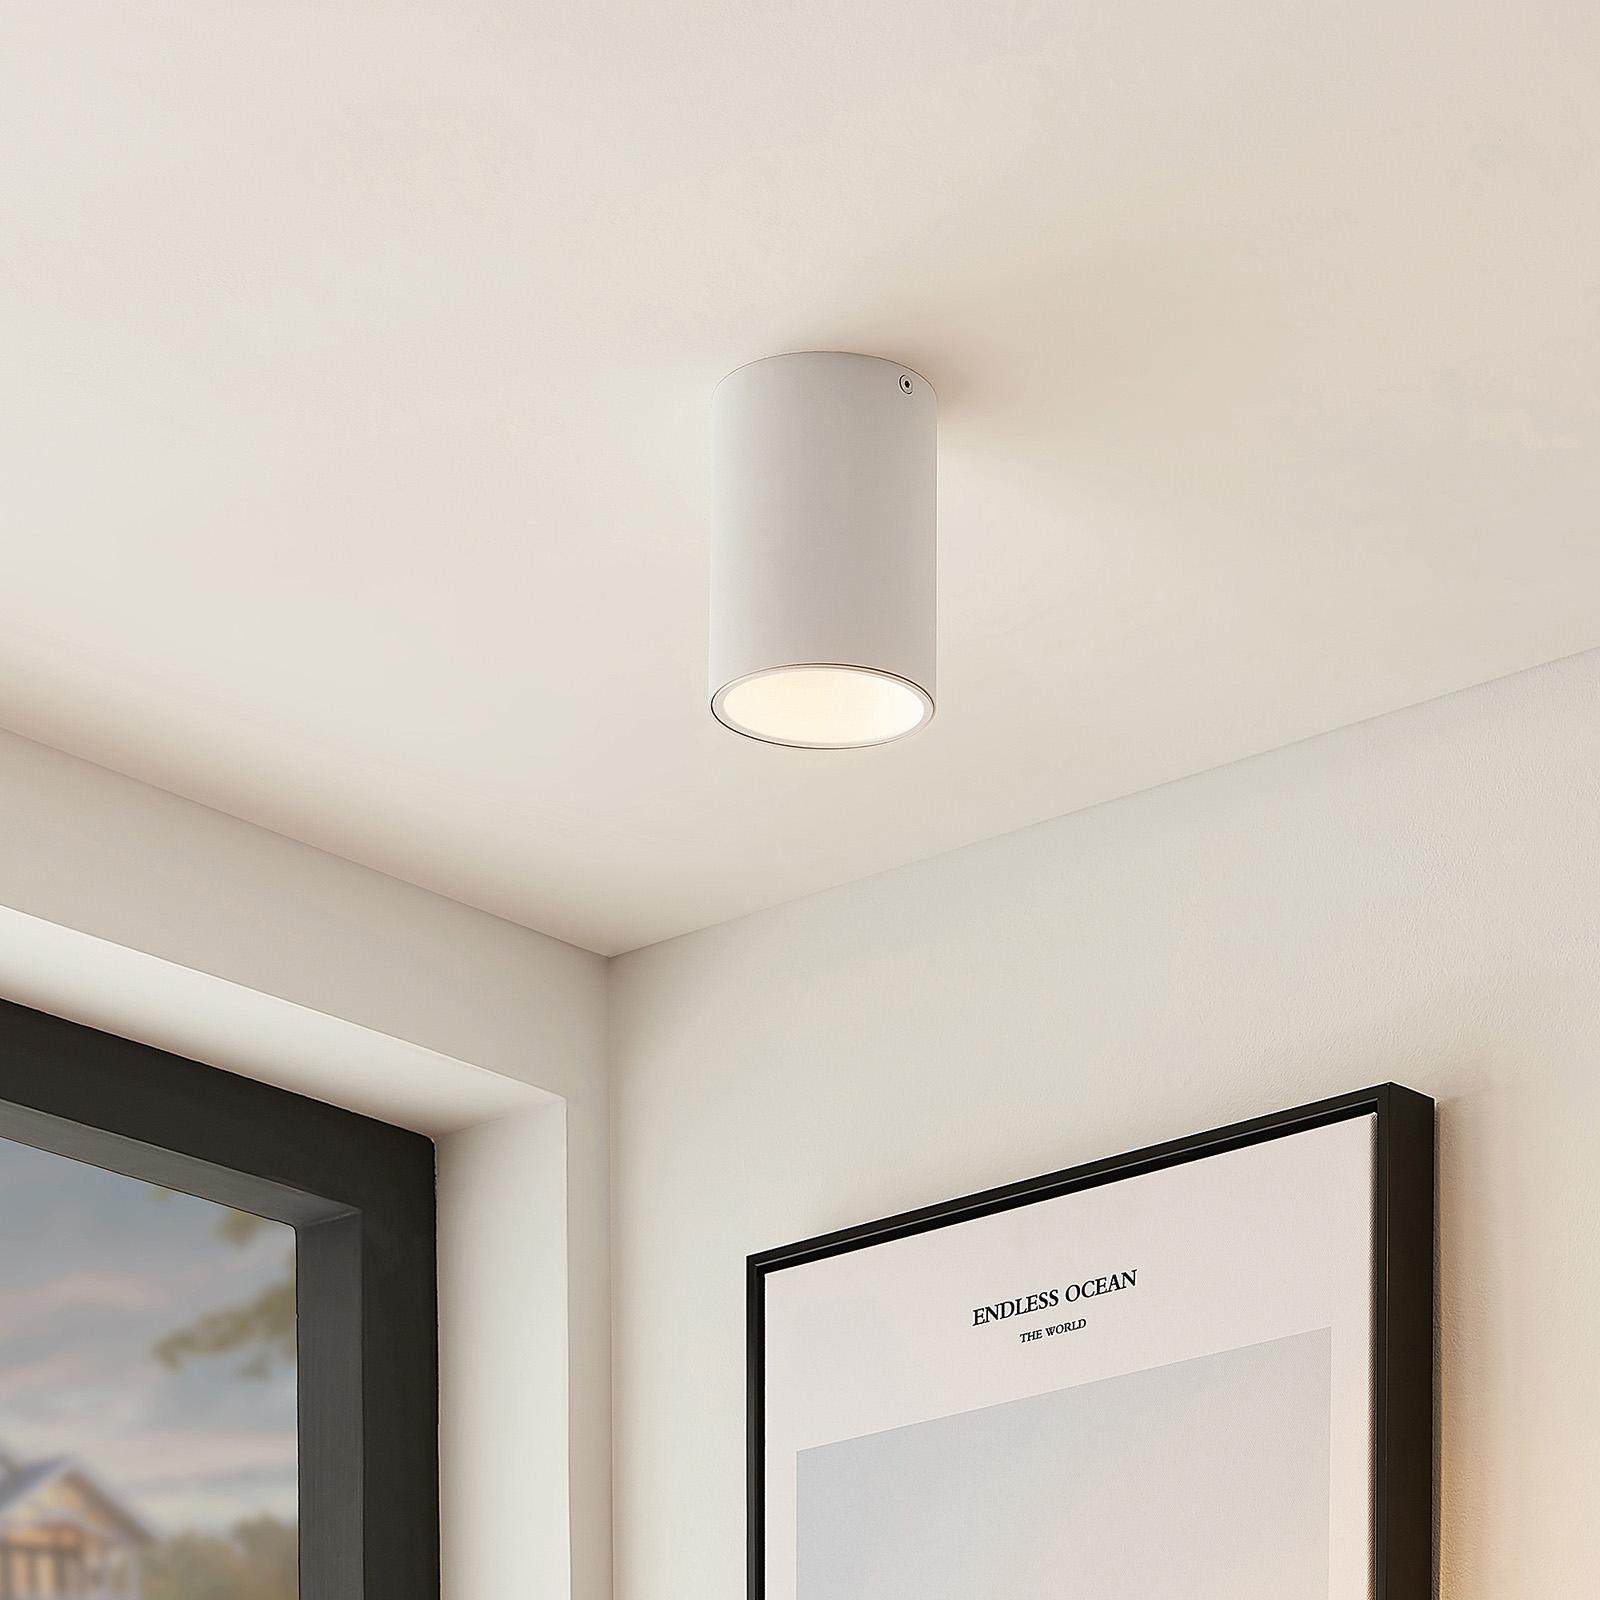 Arcchio Hinka lampa sufitowa okrągła, 14 cm, biała